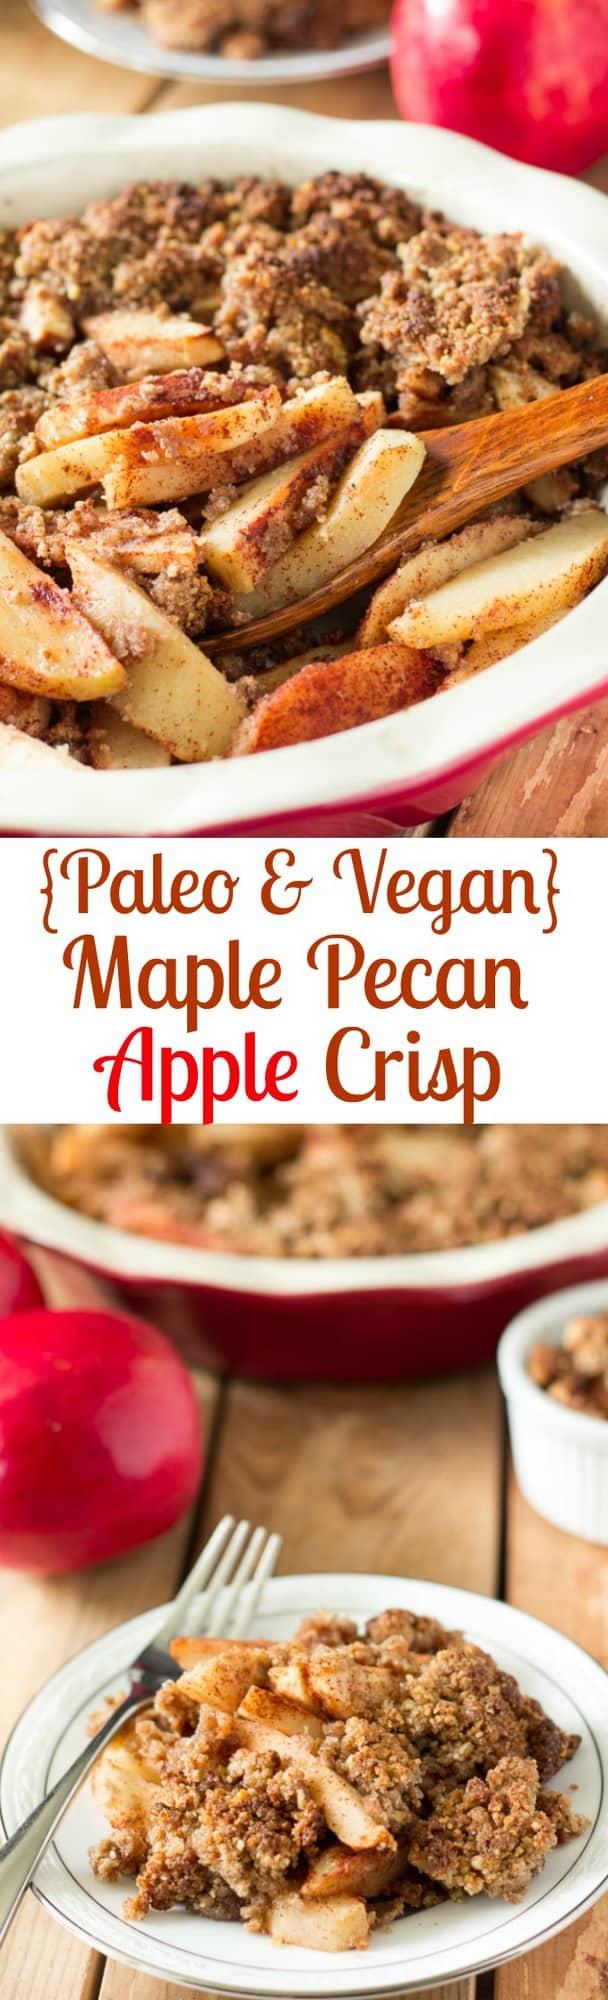 Paleo & Vegan Maple Pecan Apple Crisp